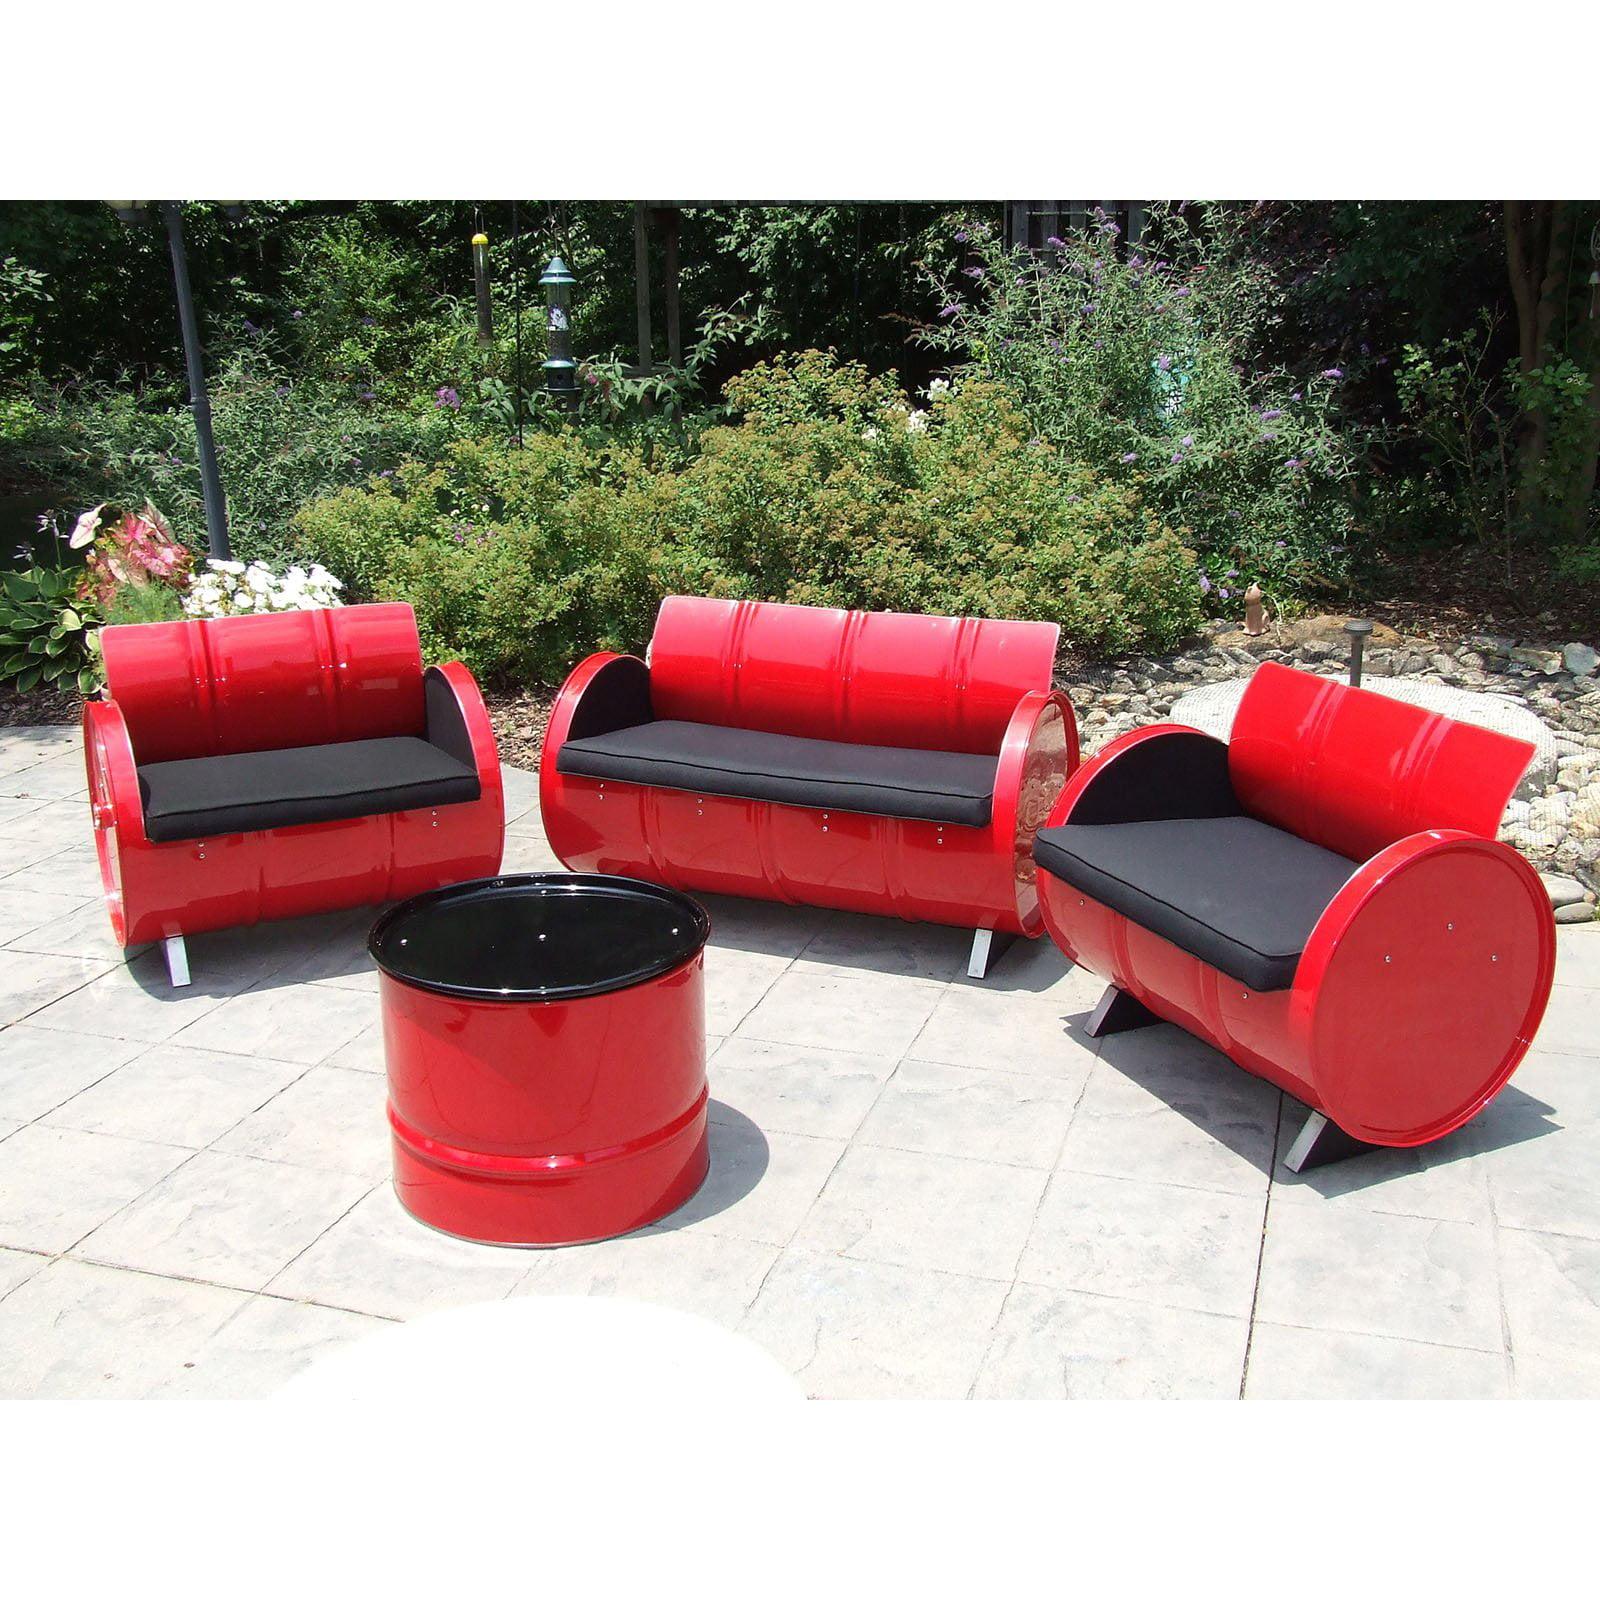 Drum Works Furniture Red Loft Steel 4 Piece Patio Conversation Set by Drum Works Furniture